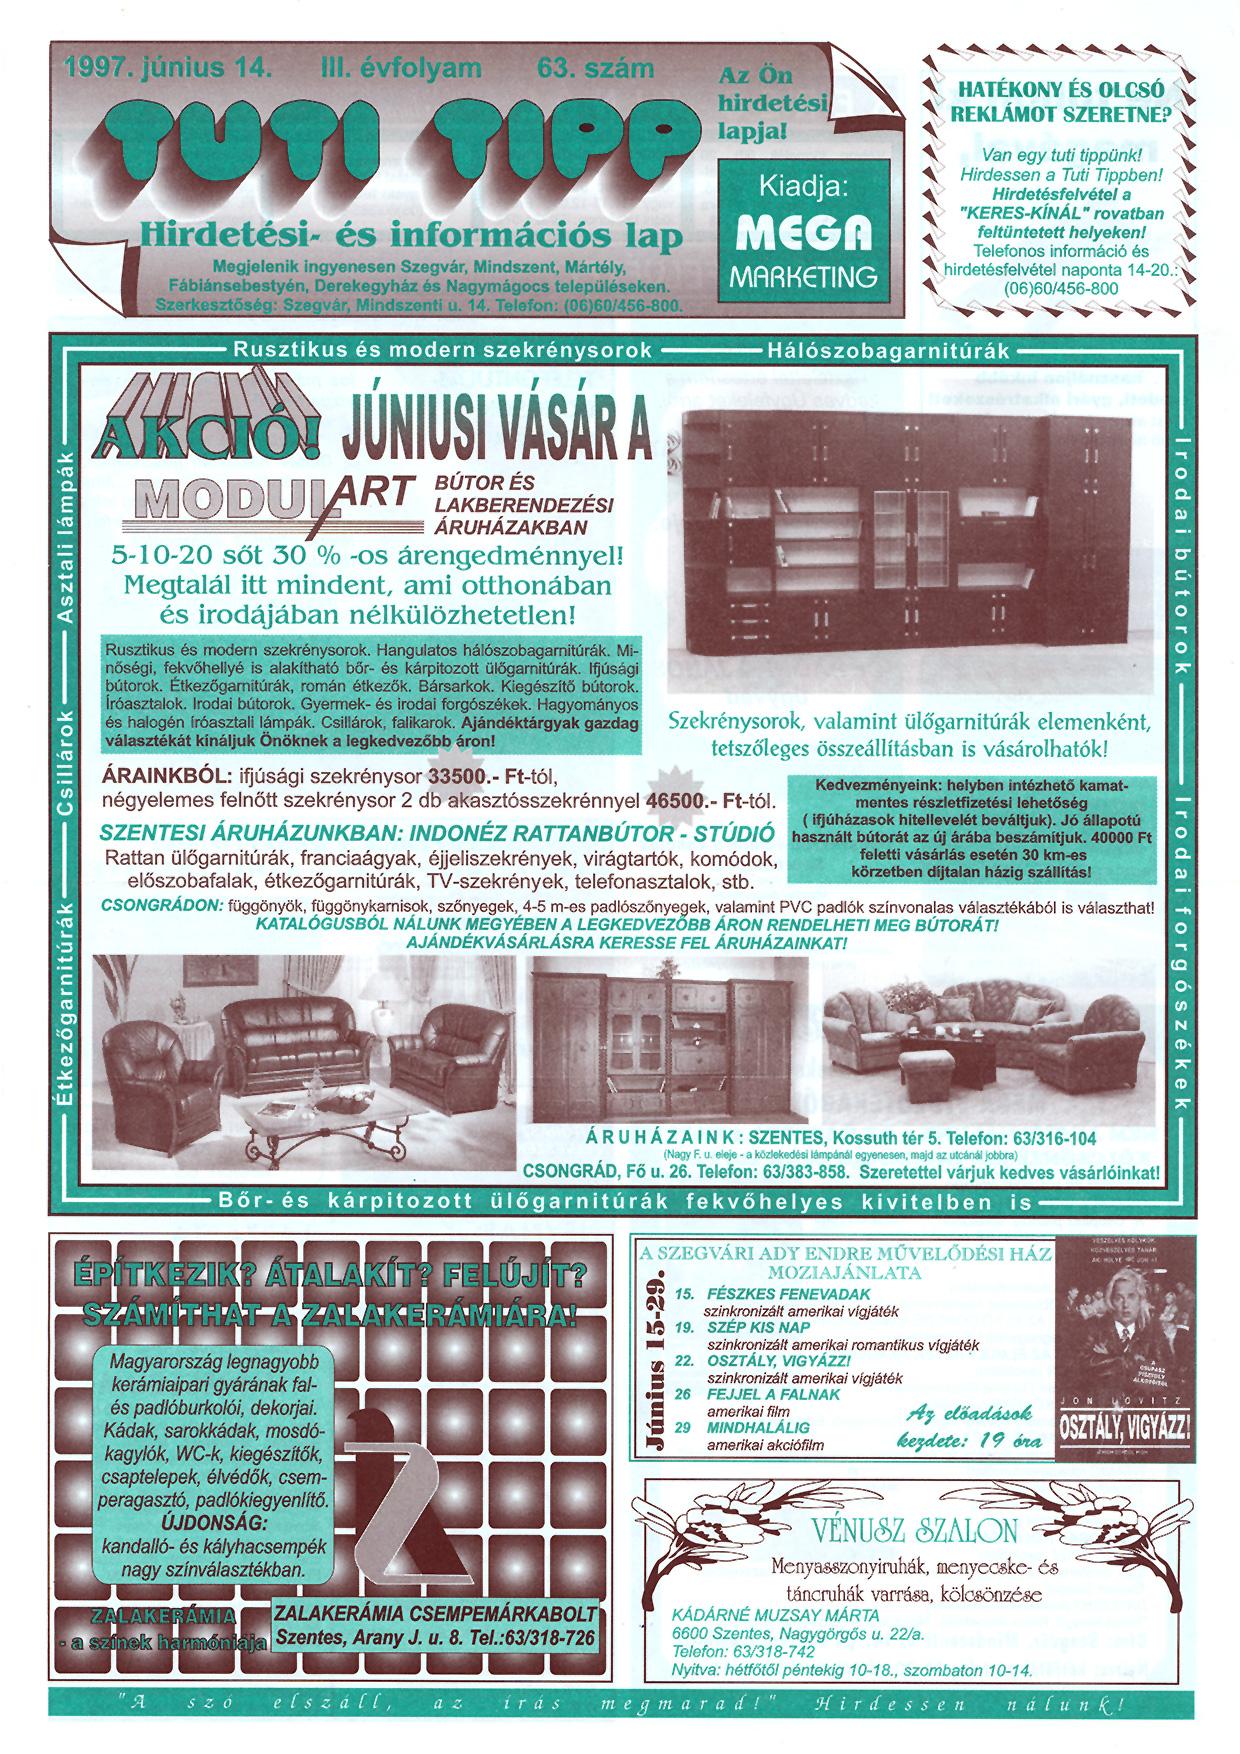 019 Tuti Tipp reklámújság - 19970614-063. lapszám - 1.oldal - III. évfolyam.jpg